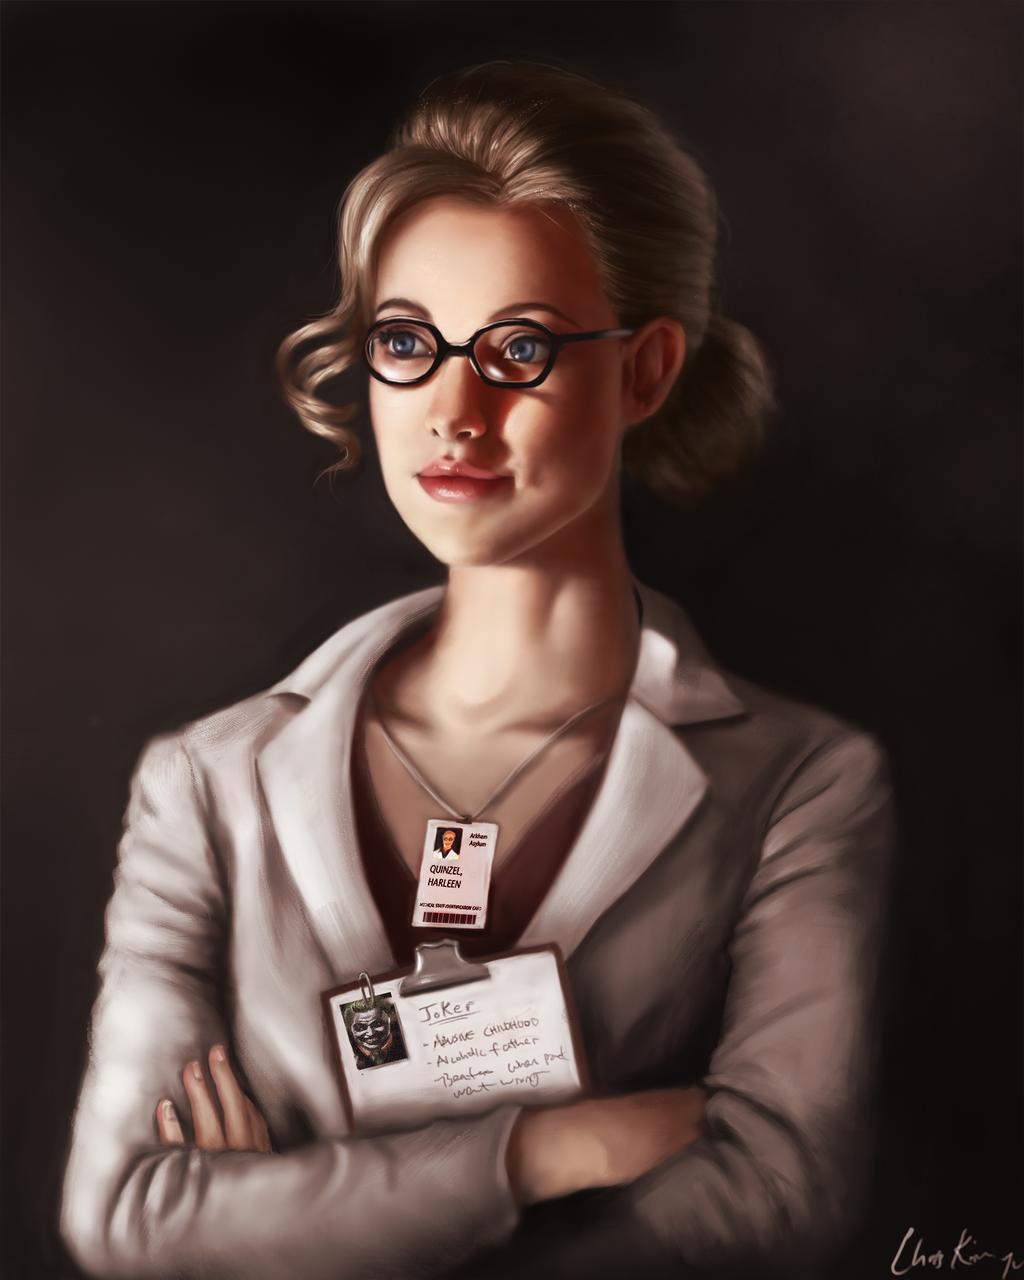 Dr. Harleen Quinzel, Harley Quinn by ChrisKimArt